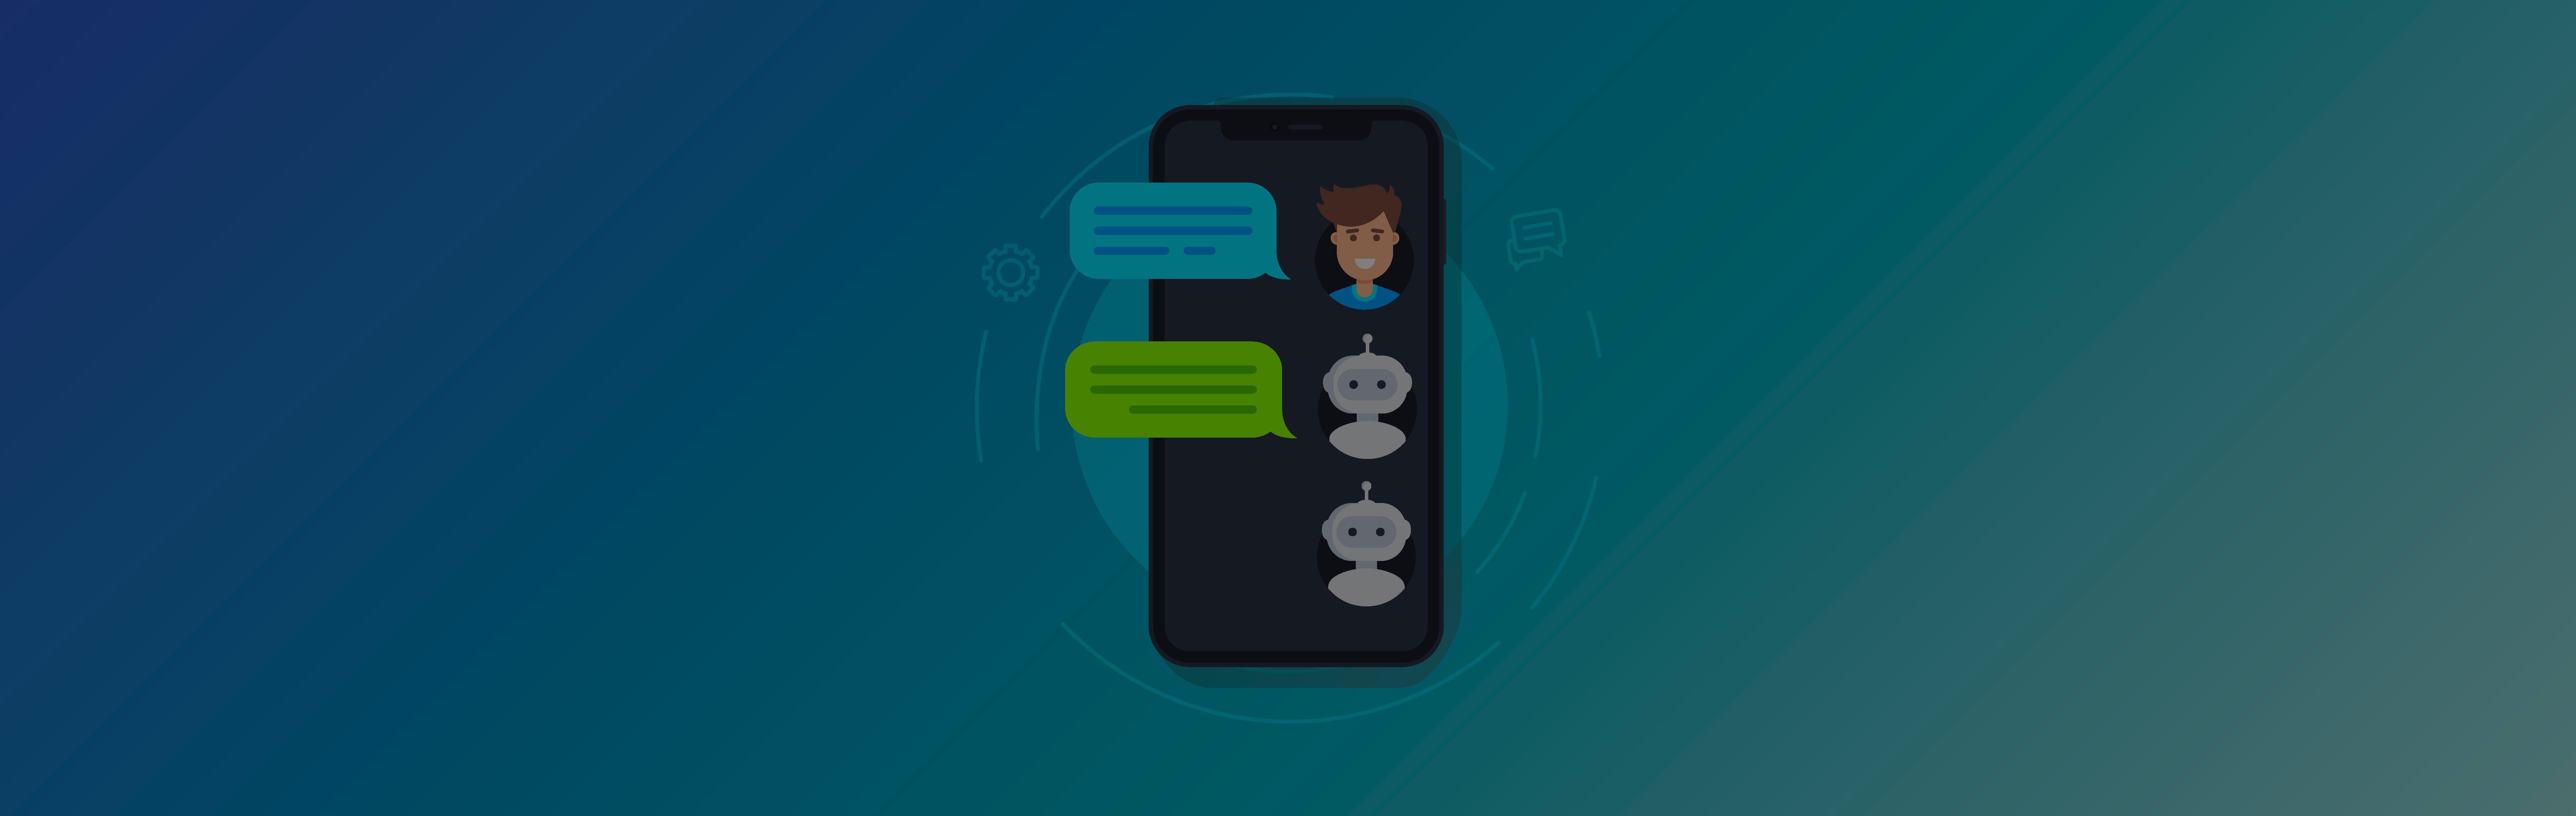 Blog-Solucionweb-Descubre-las-aplicaciones-de-mensajeria-instantanea-que-prefieren-los-consumidores-03